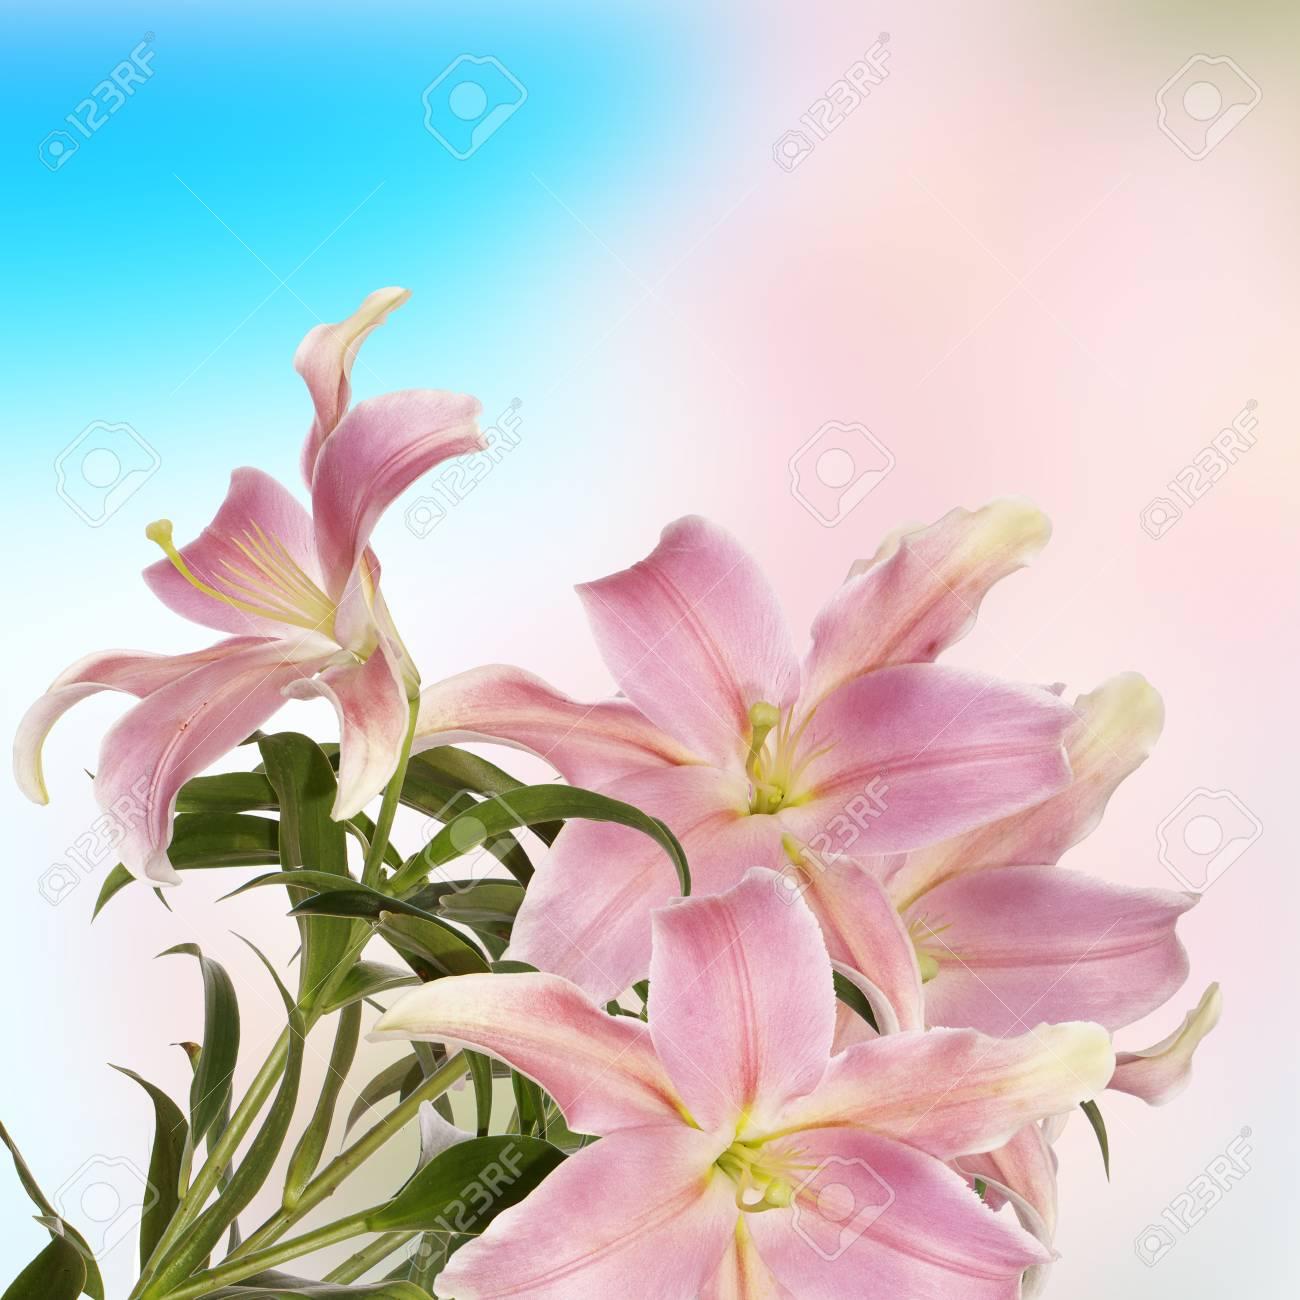 Lily flower bella carta foto royalty free immagini immagini e archivio fotografico lily flower bella carta izmirmasajfo